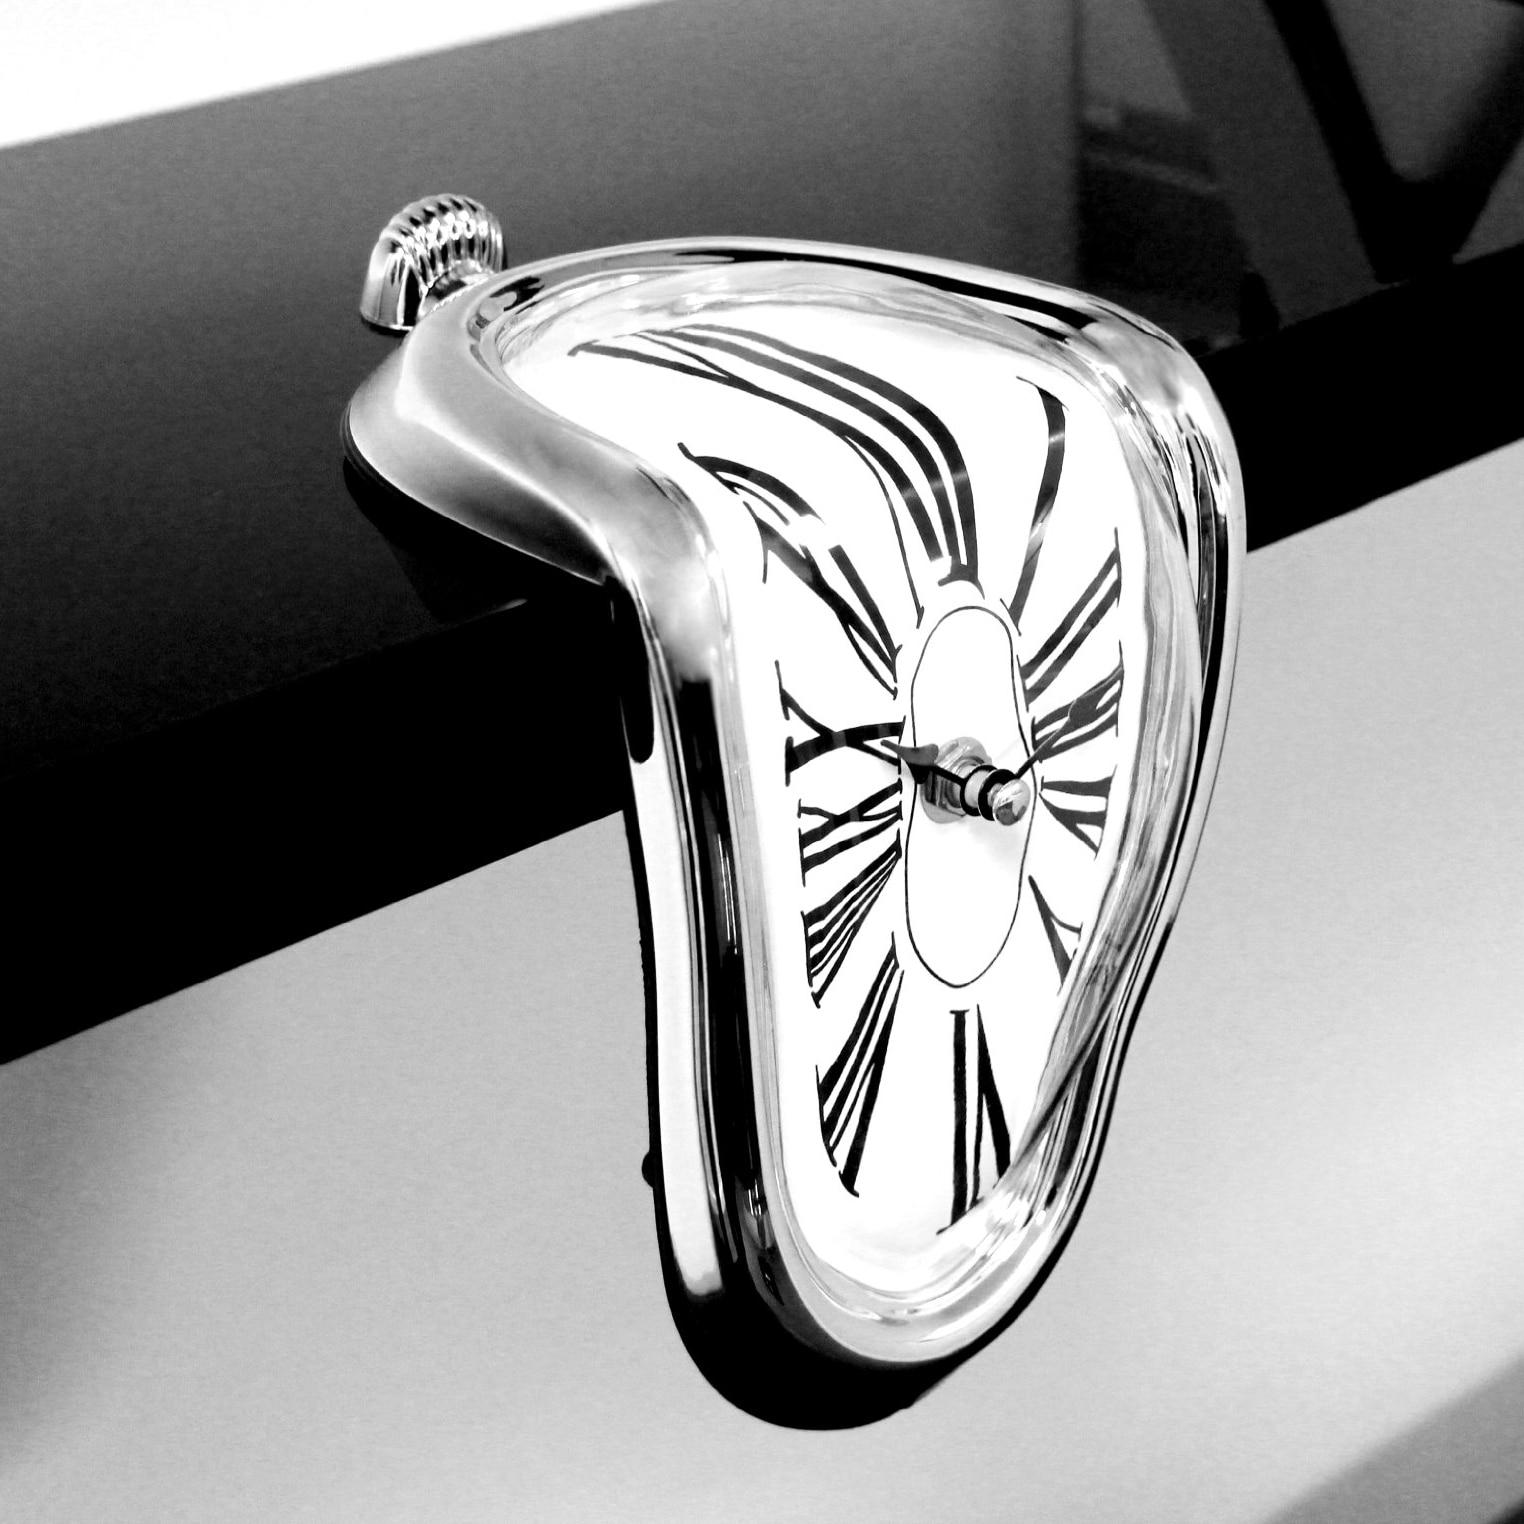 Плавления часы дома Книги по искусству дизайн большой висят настенные часы Тихая часы декора дома моды настенные часы Relojes украшения